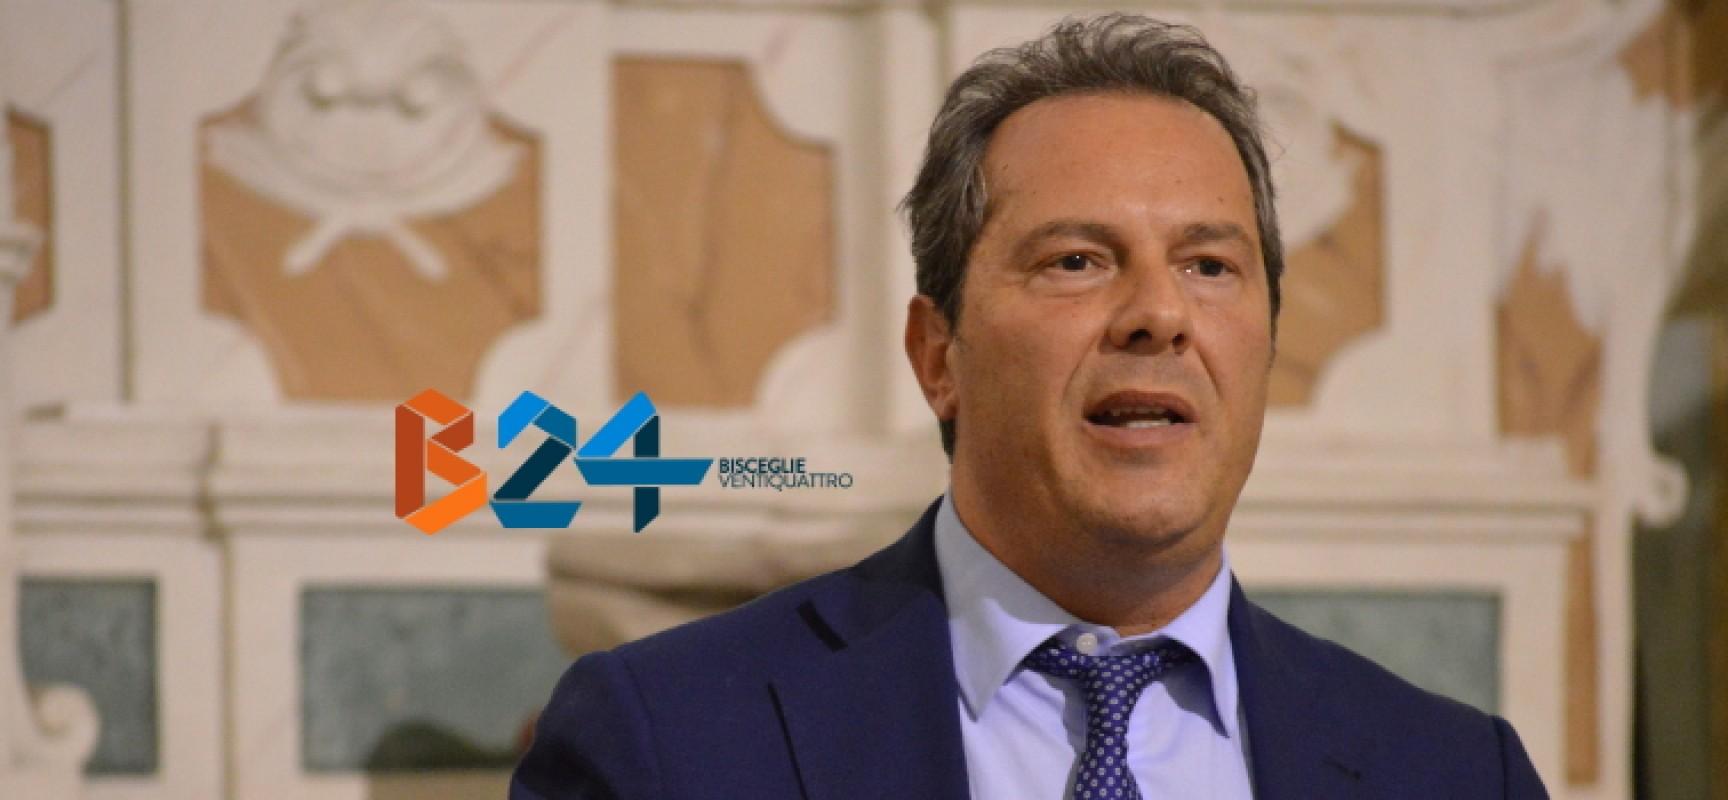 Elezioni provinciali, manca l'accordo: Spina dice no a consiglio con sindaci della Bat